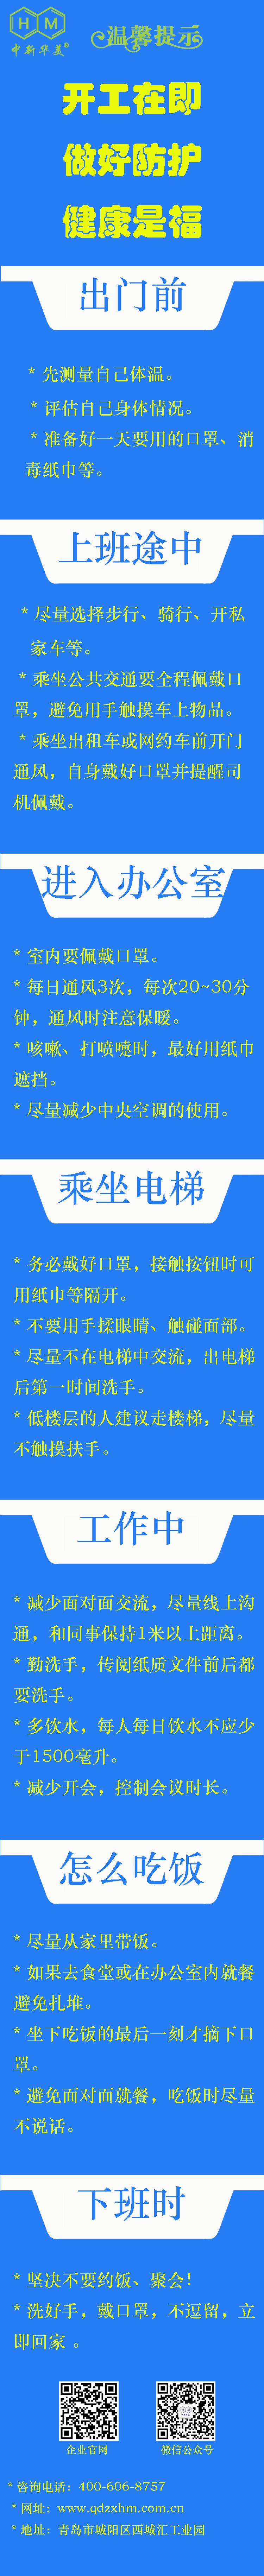 中新华美改性塑料温馨提示:开工在即,做好防护,健康是福